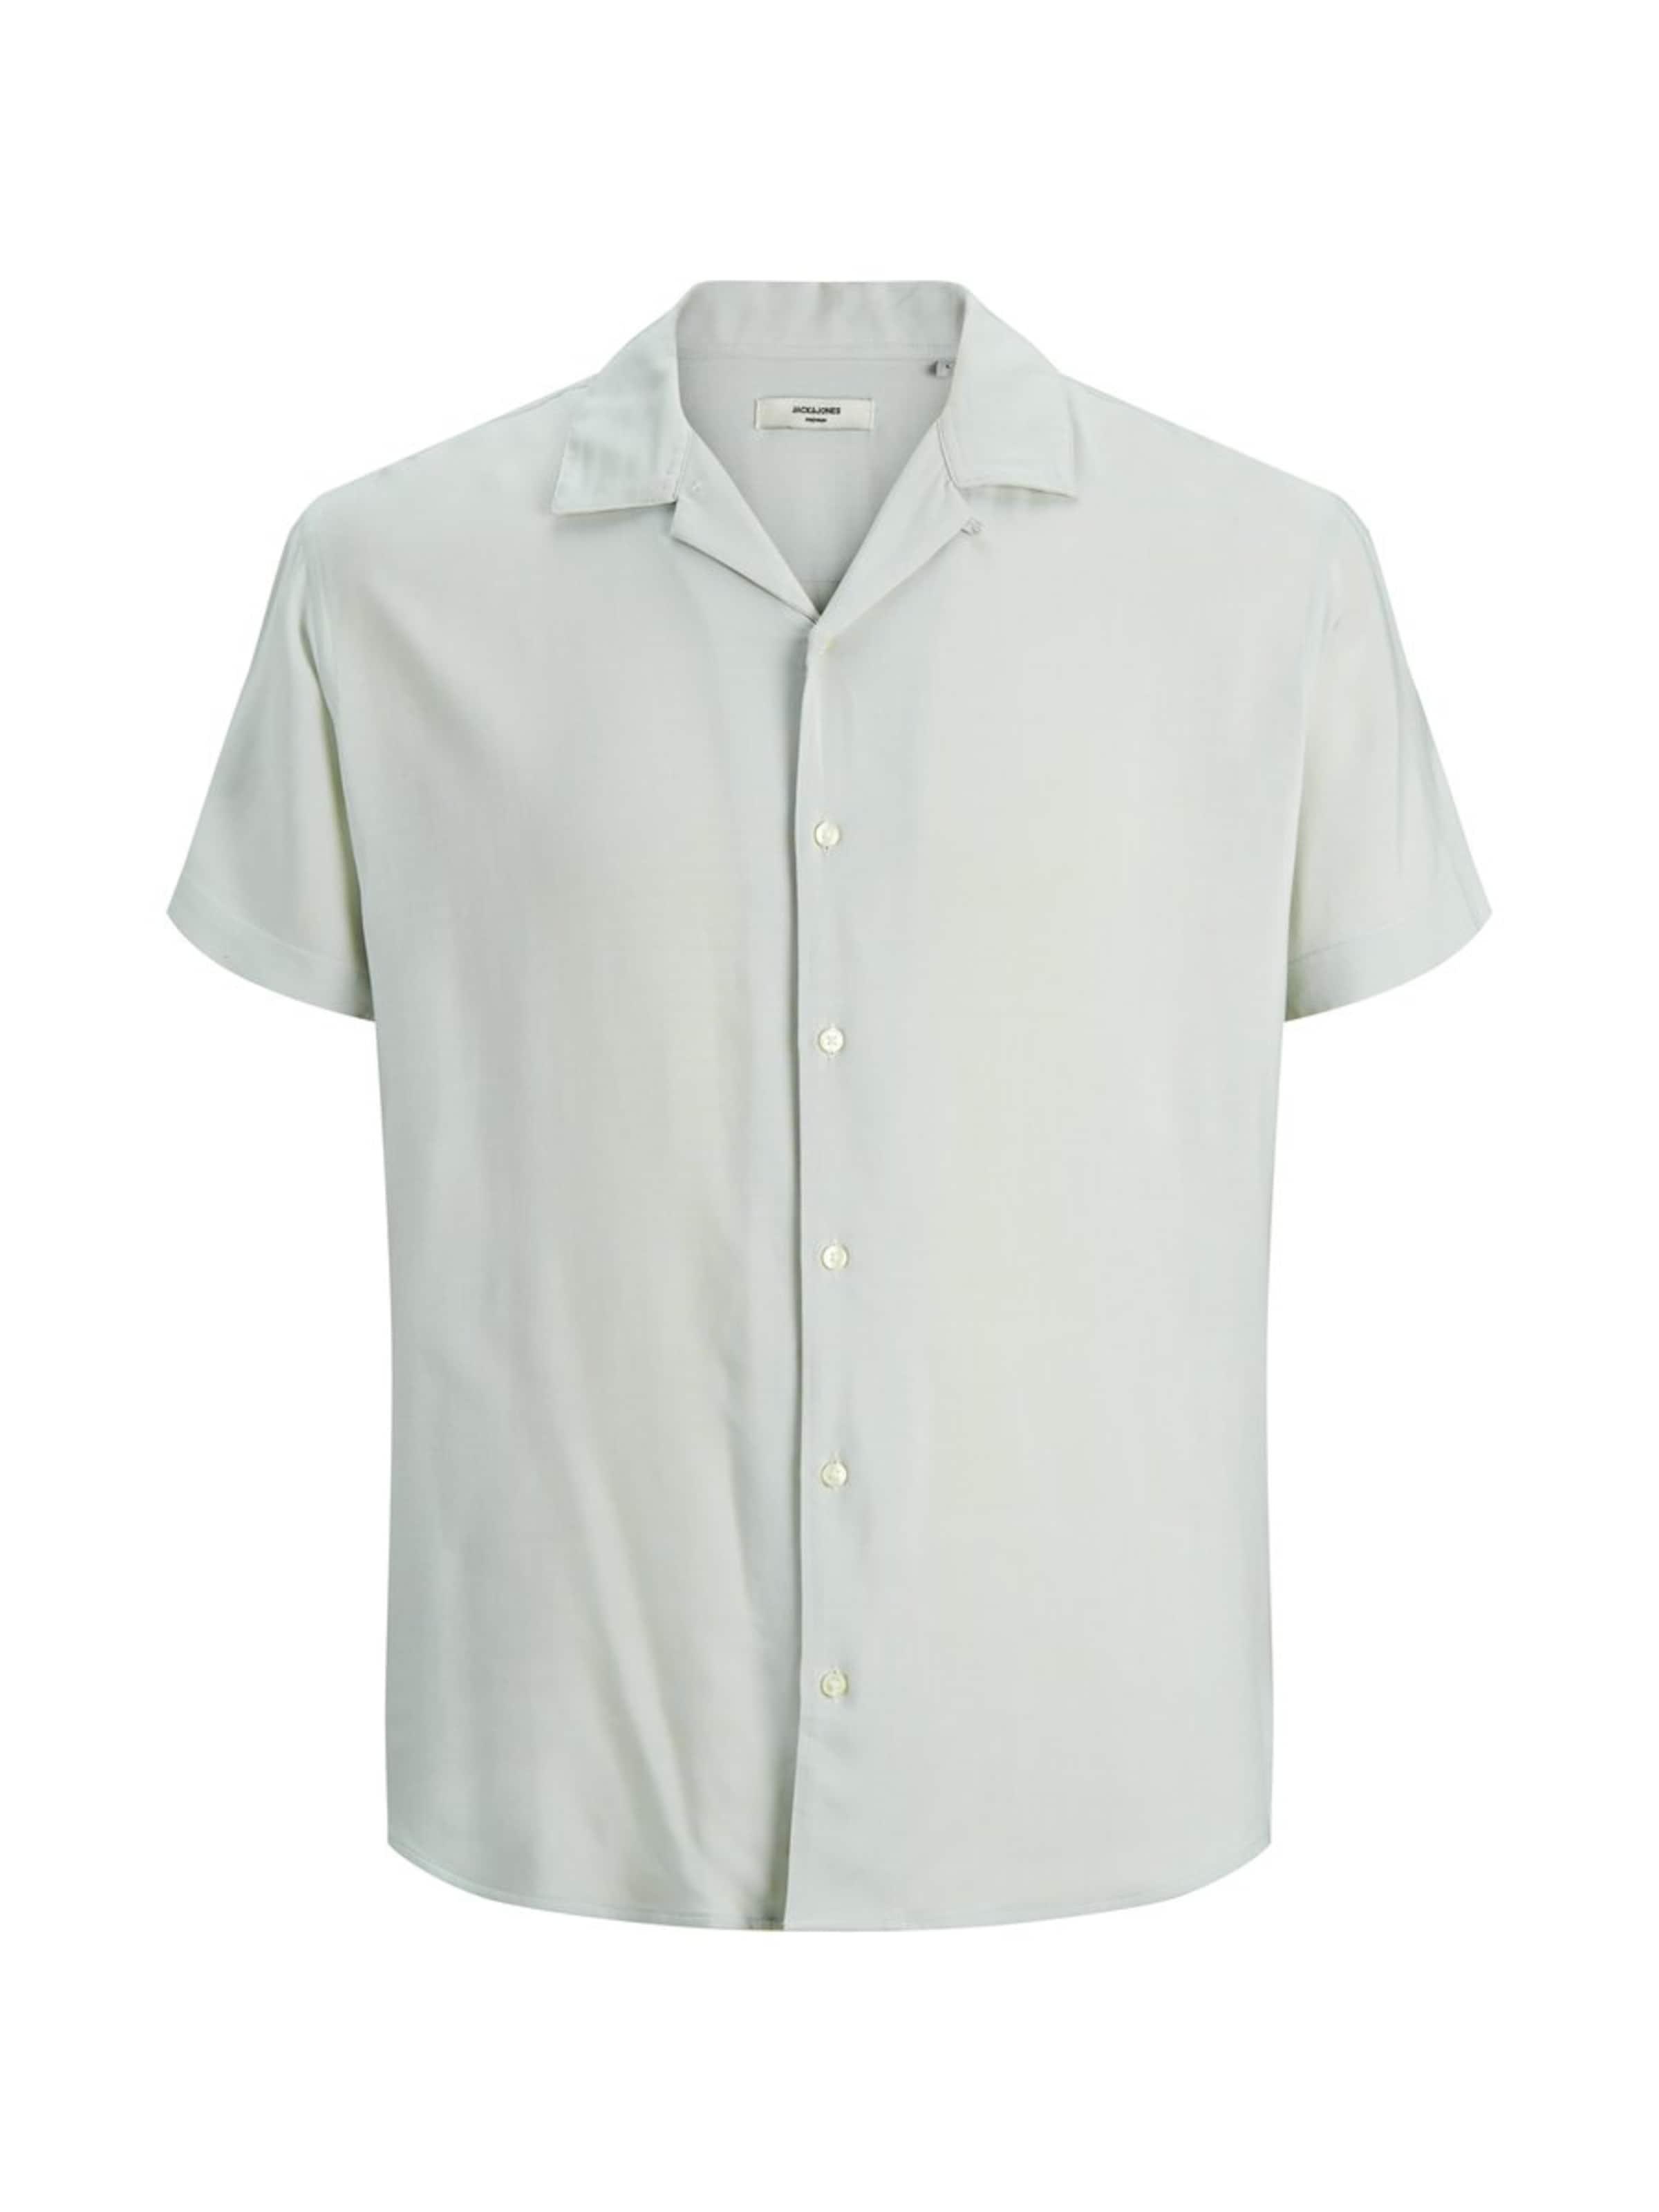 Kurzarmhemd Jackamp; Beige In Beige Jackamp; Jones Kurzarmhemd Jones In Jackamp; 45R3AjL